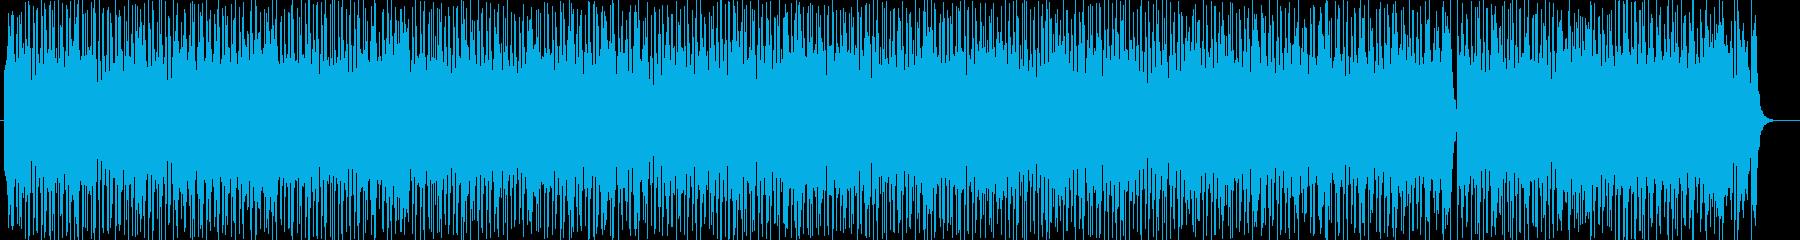 跳ねたリズムのシンセサウンドの再生済みの波形